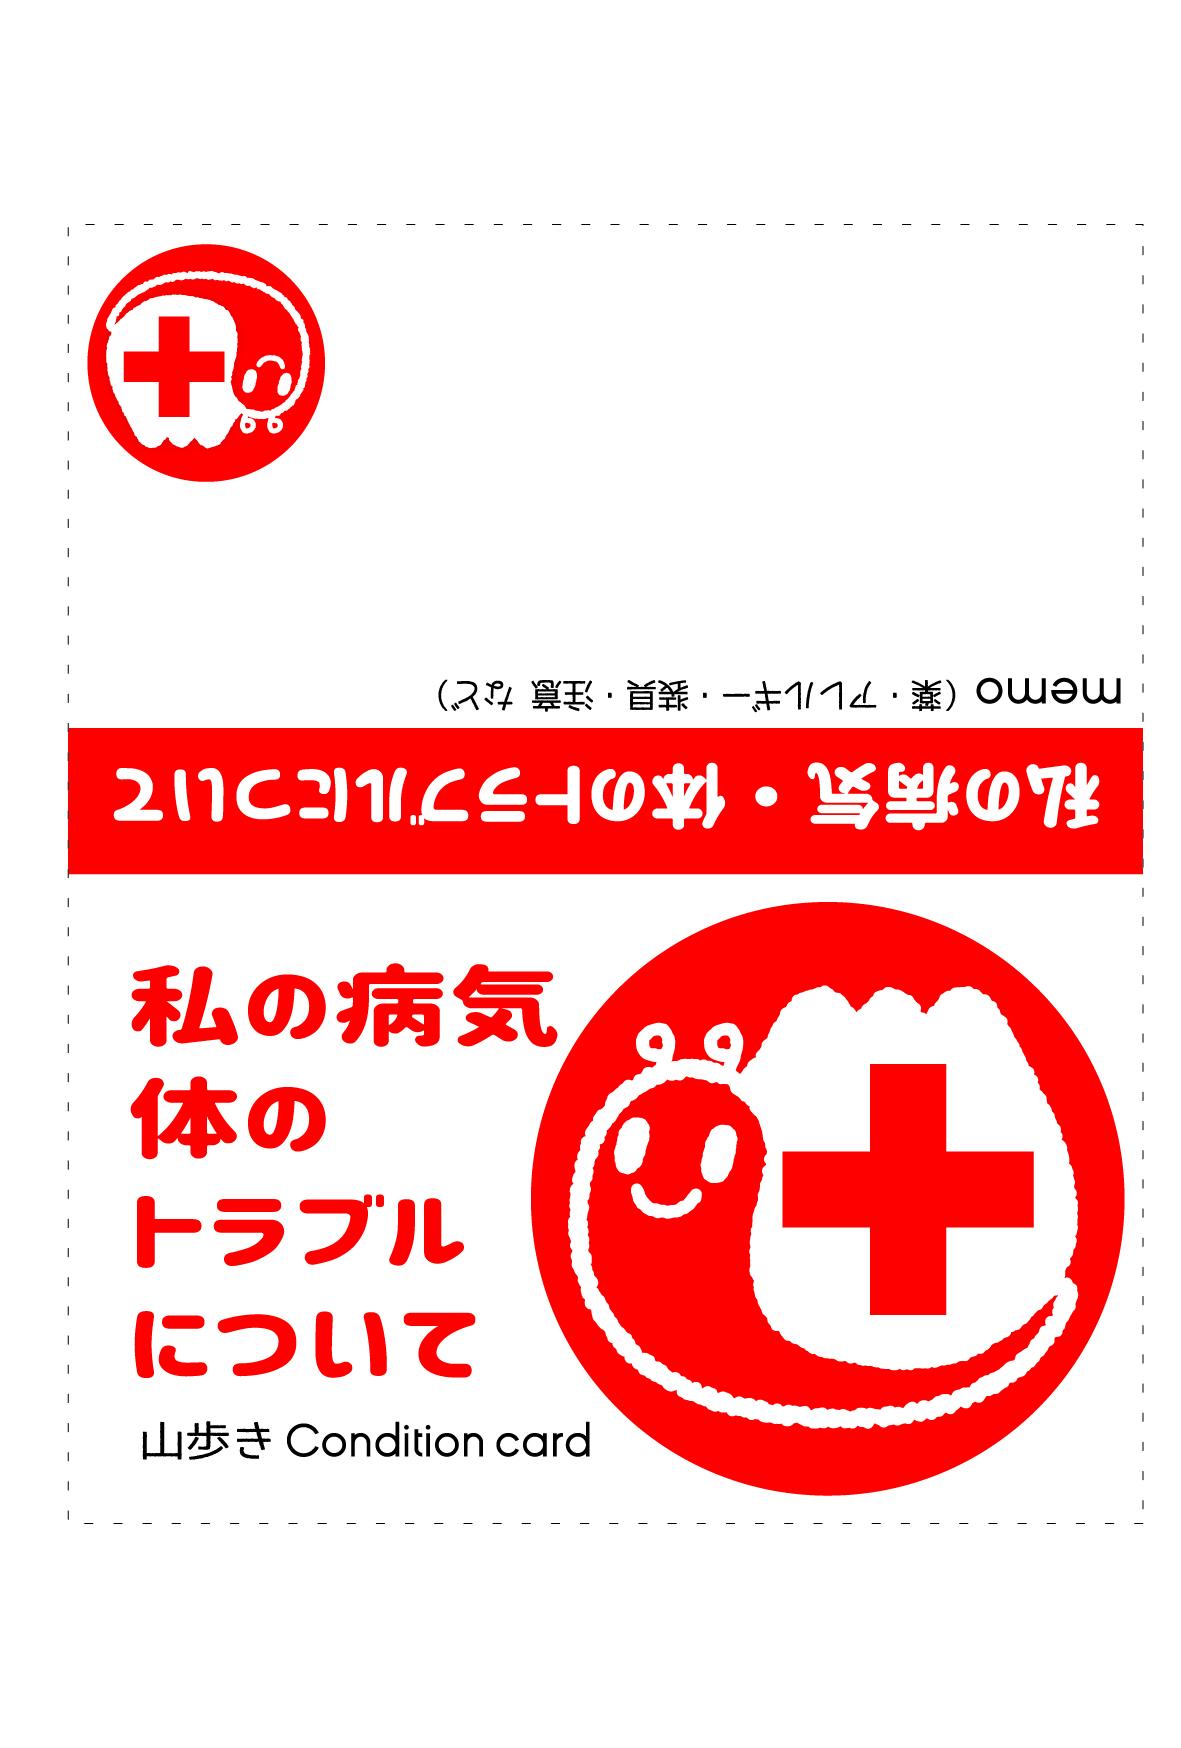 山歩きコンディションカード表